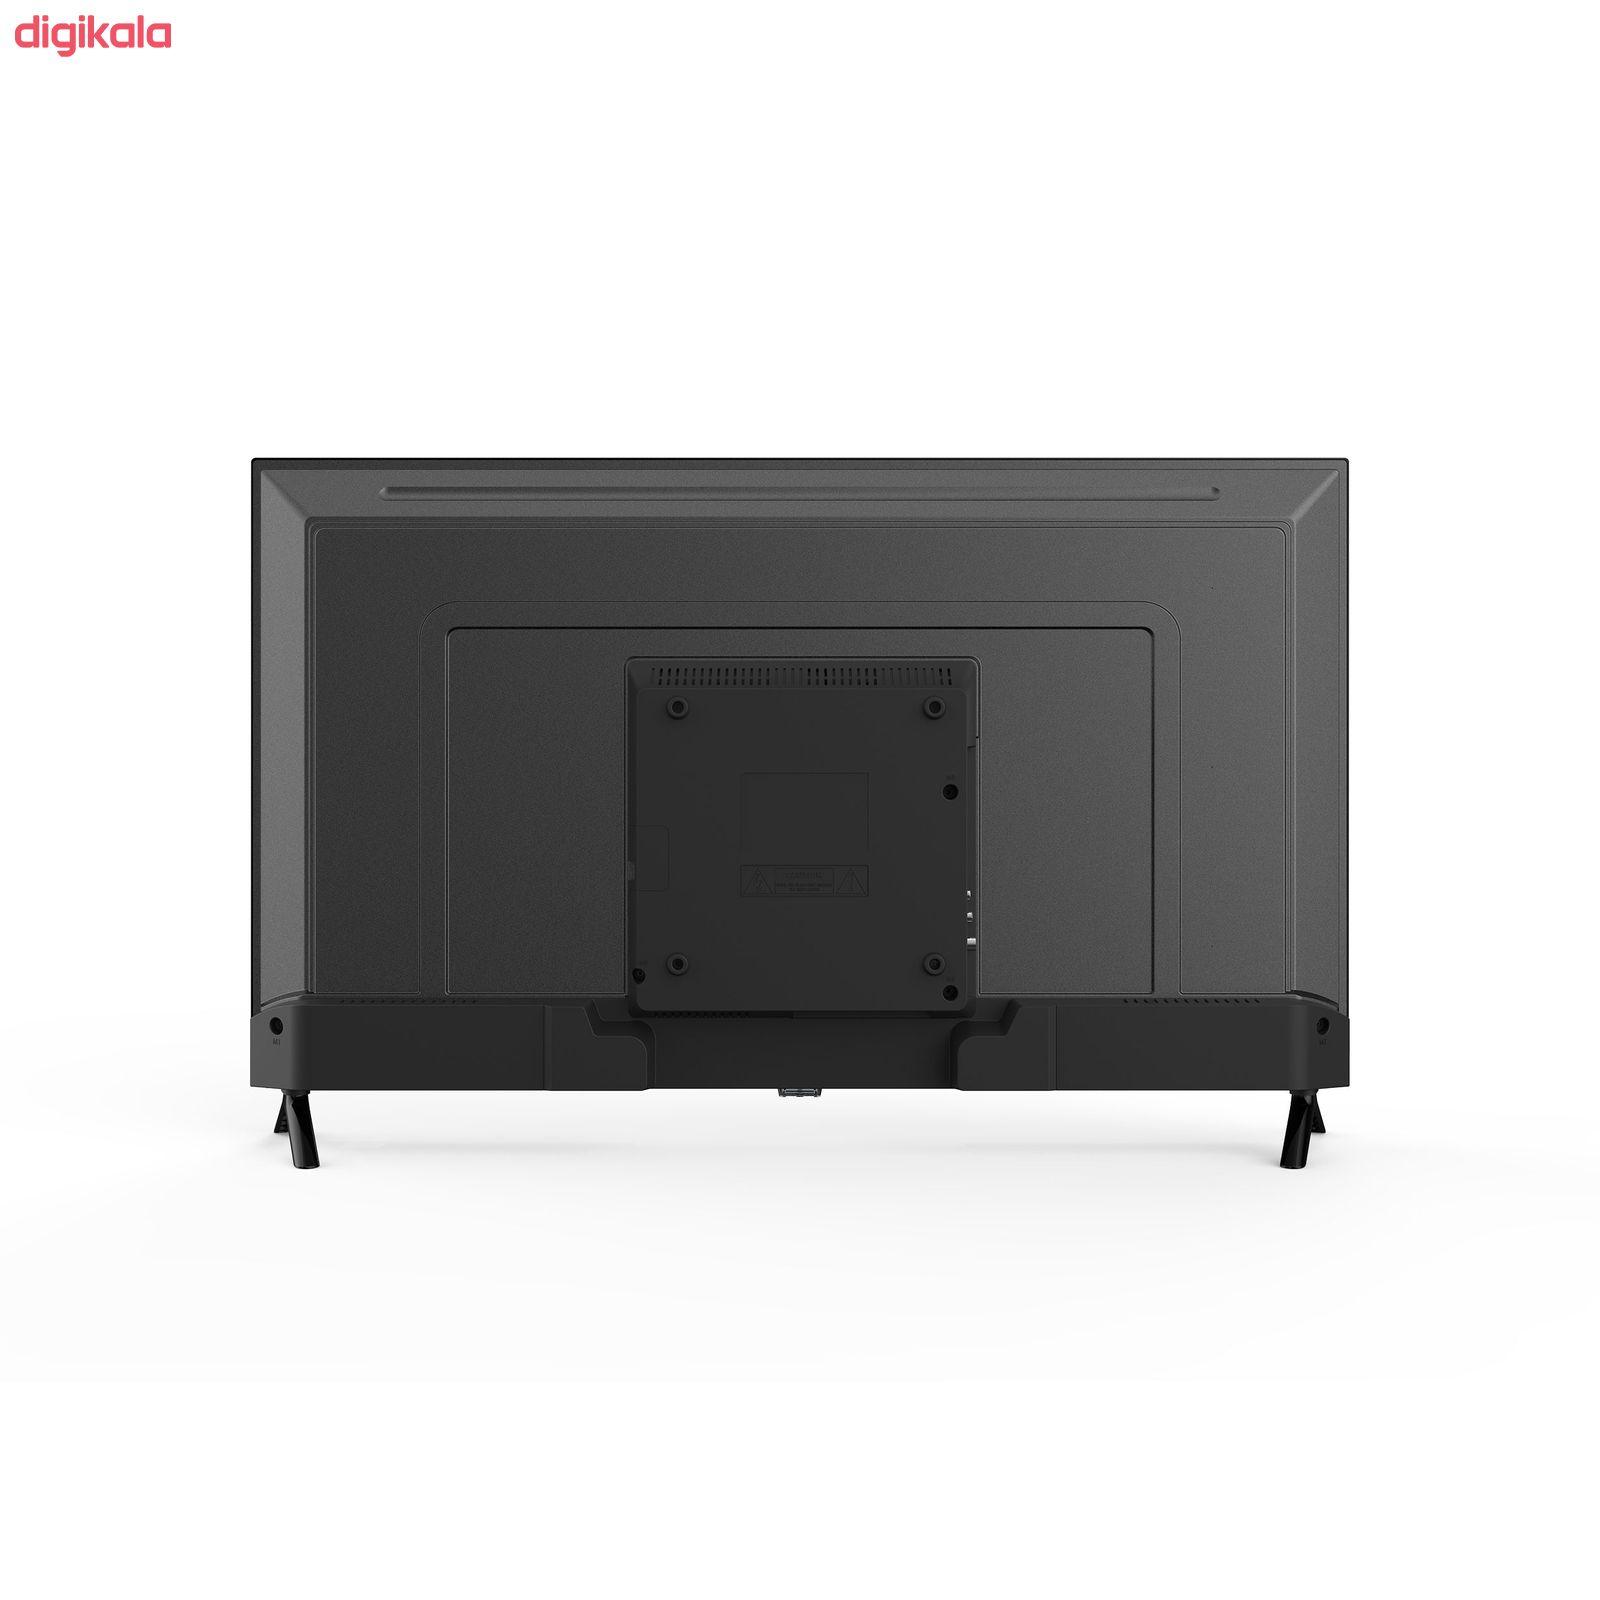 تلویزیون ال ای دی هوشمند جی پلاس مدل GTV-40LH612N سایز 40 اینچ main 1 4